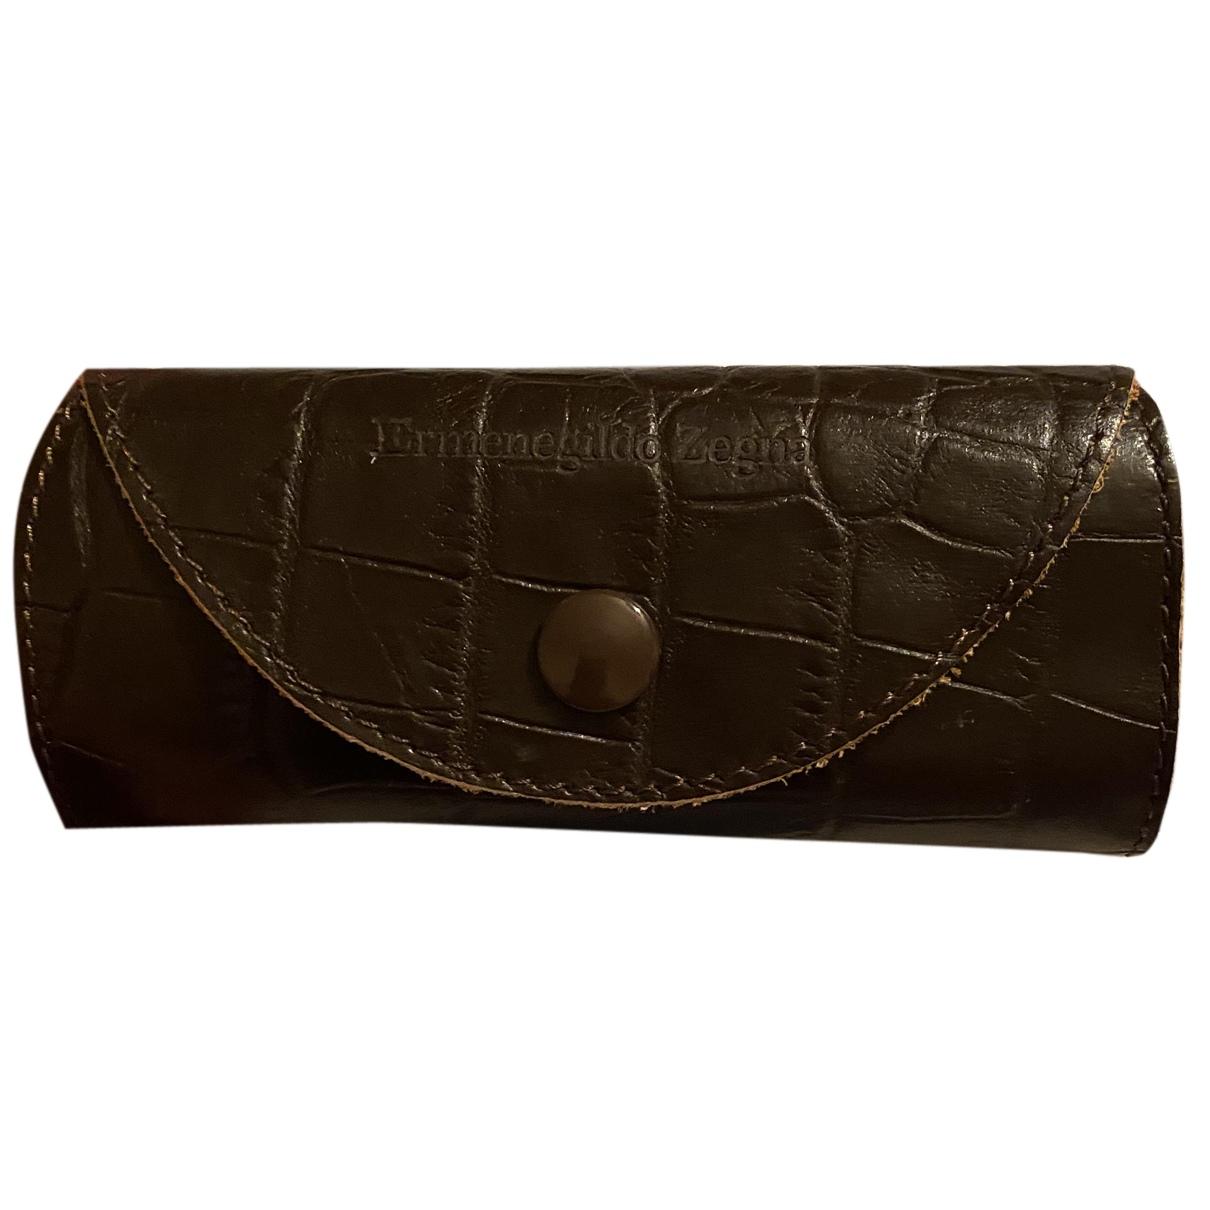 Ermenegildo Zegna N Brown Leather Small bag, wallet & cases for Men N